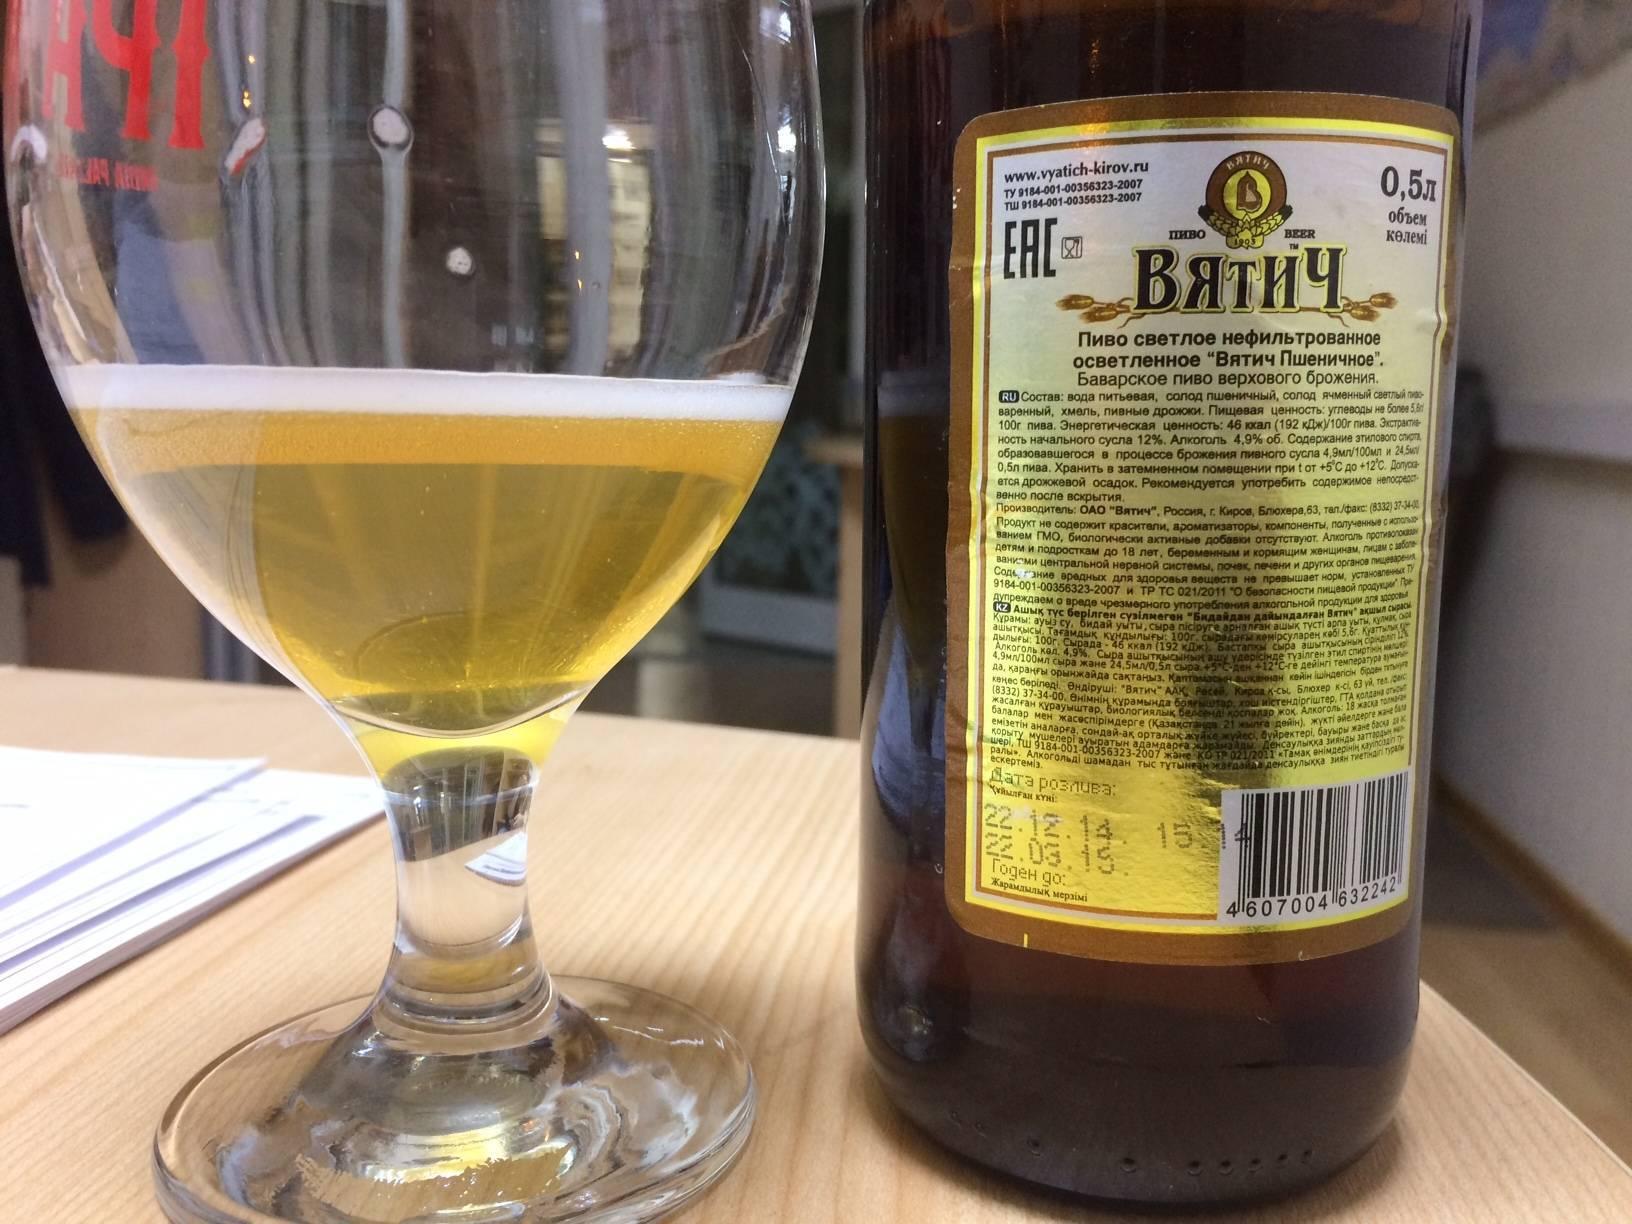 Пиво пшеничное не фильтрованное